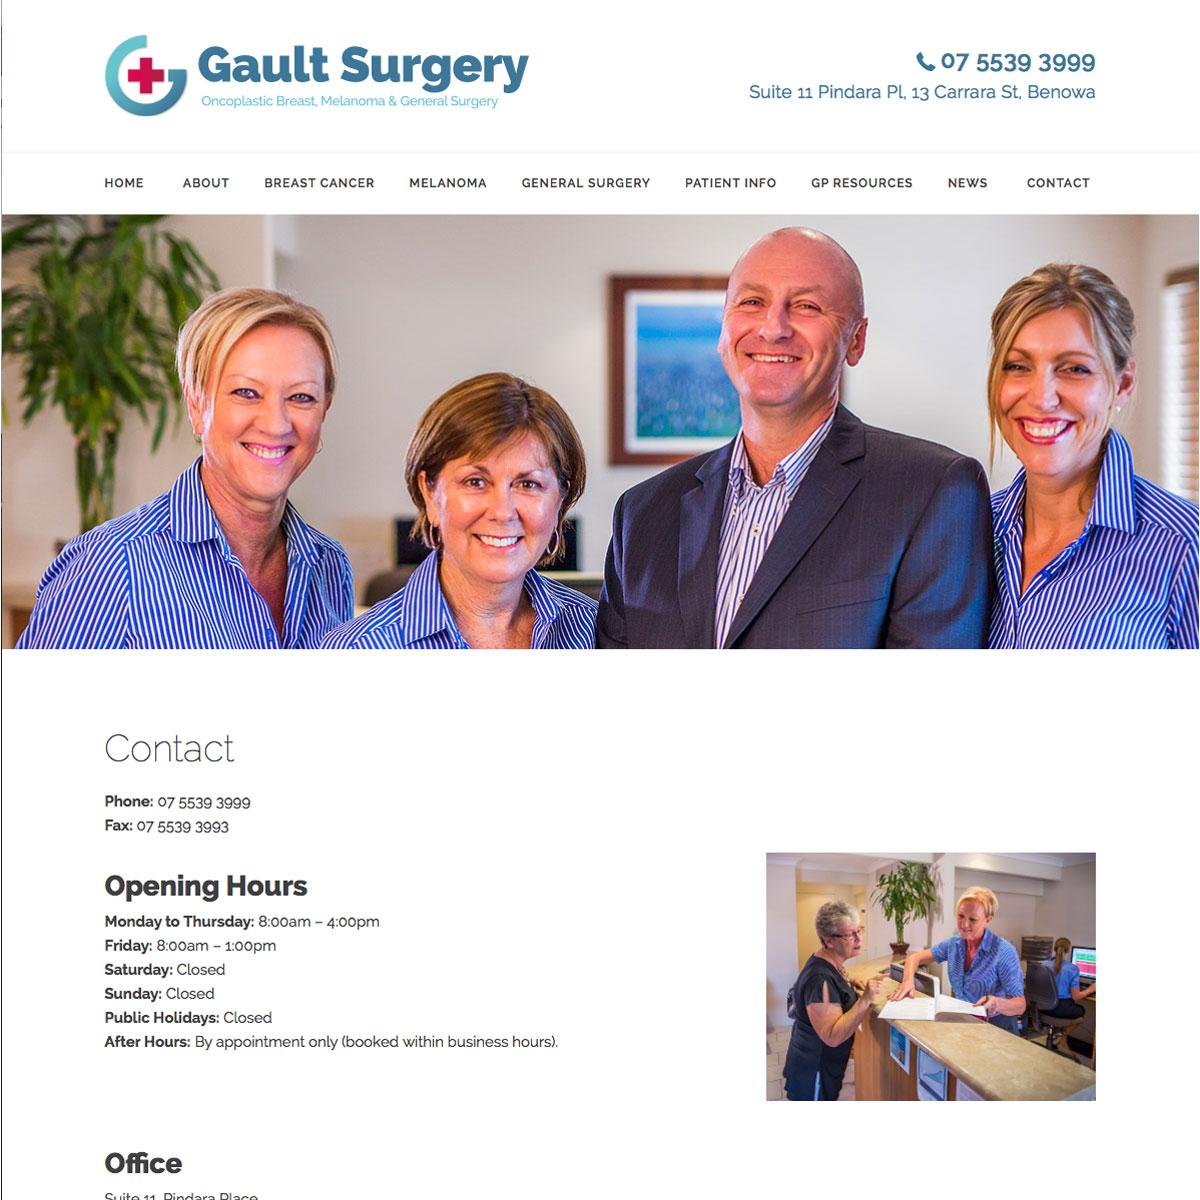 Gault Surgery Contact